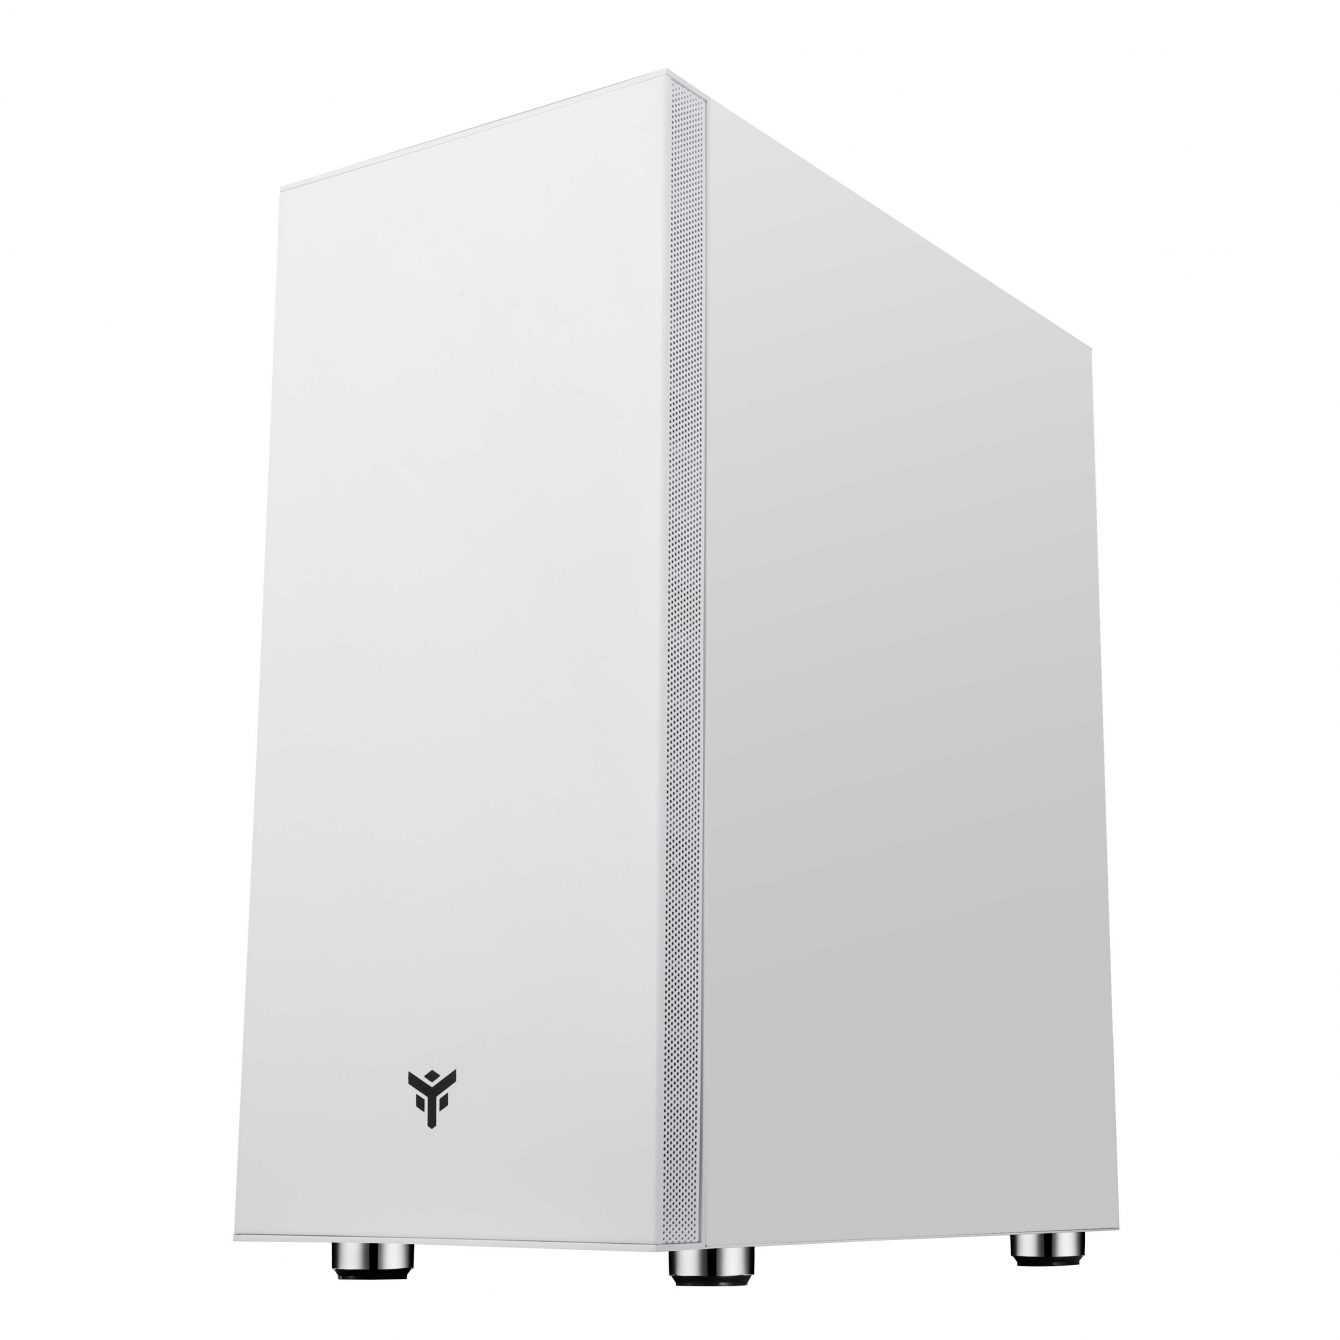 iTek: in arrivo 12 nuovi cabinet per 4 linee prodotto